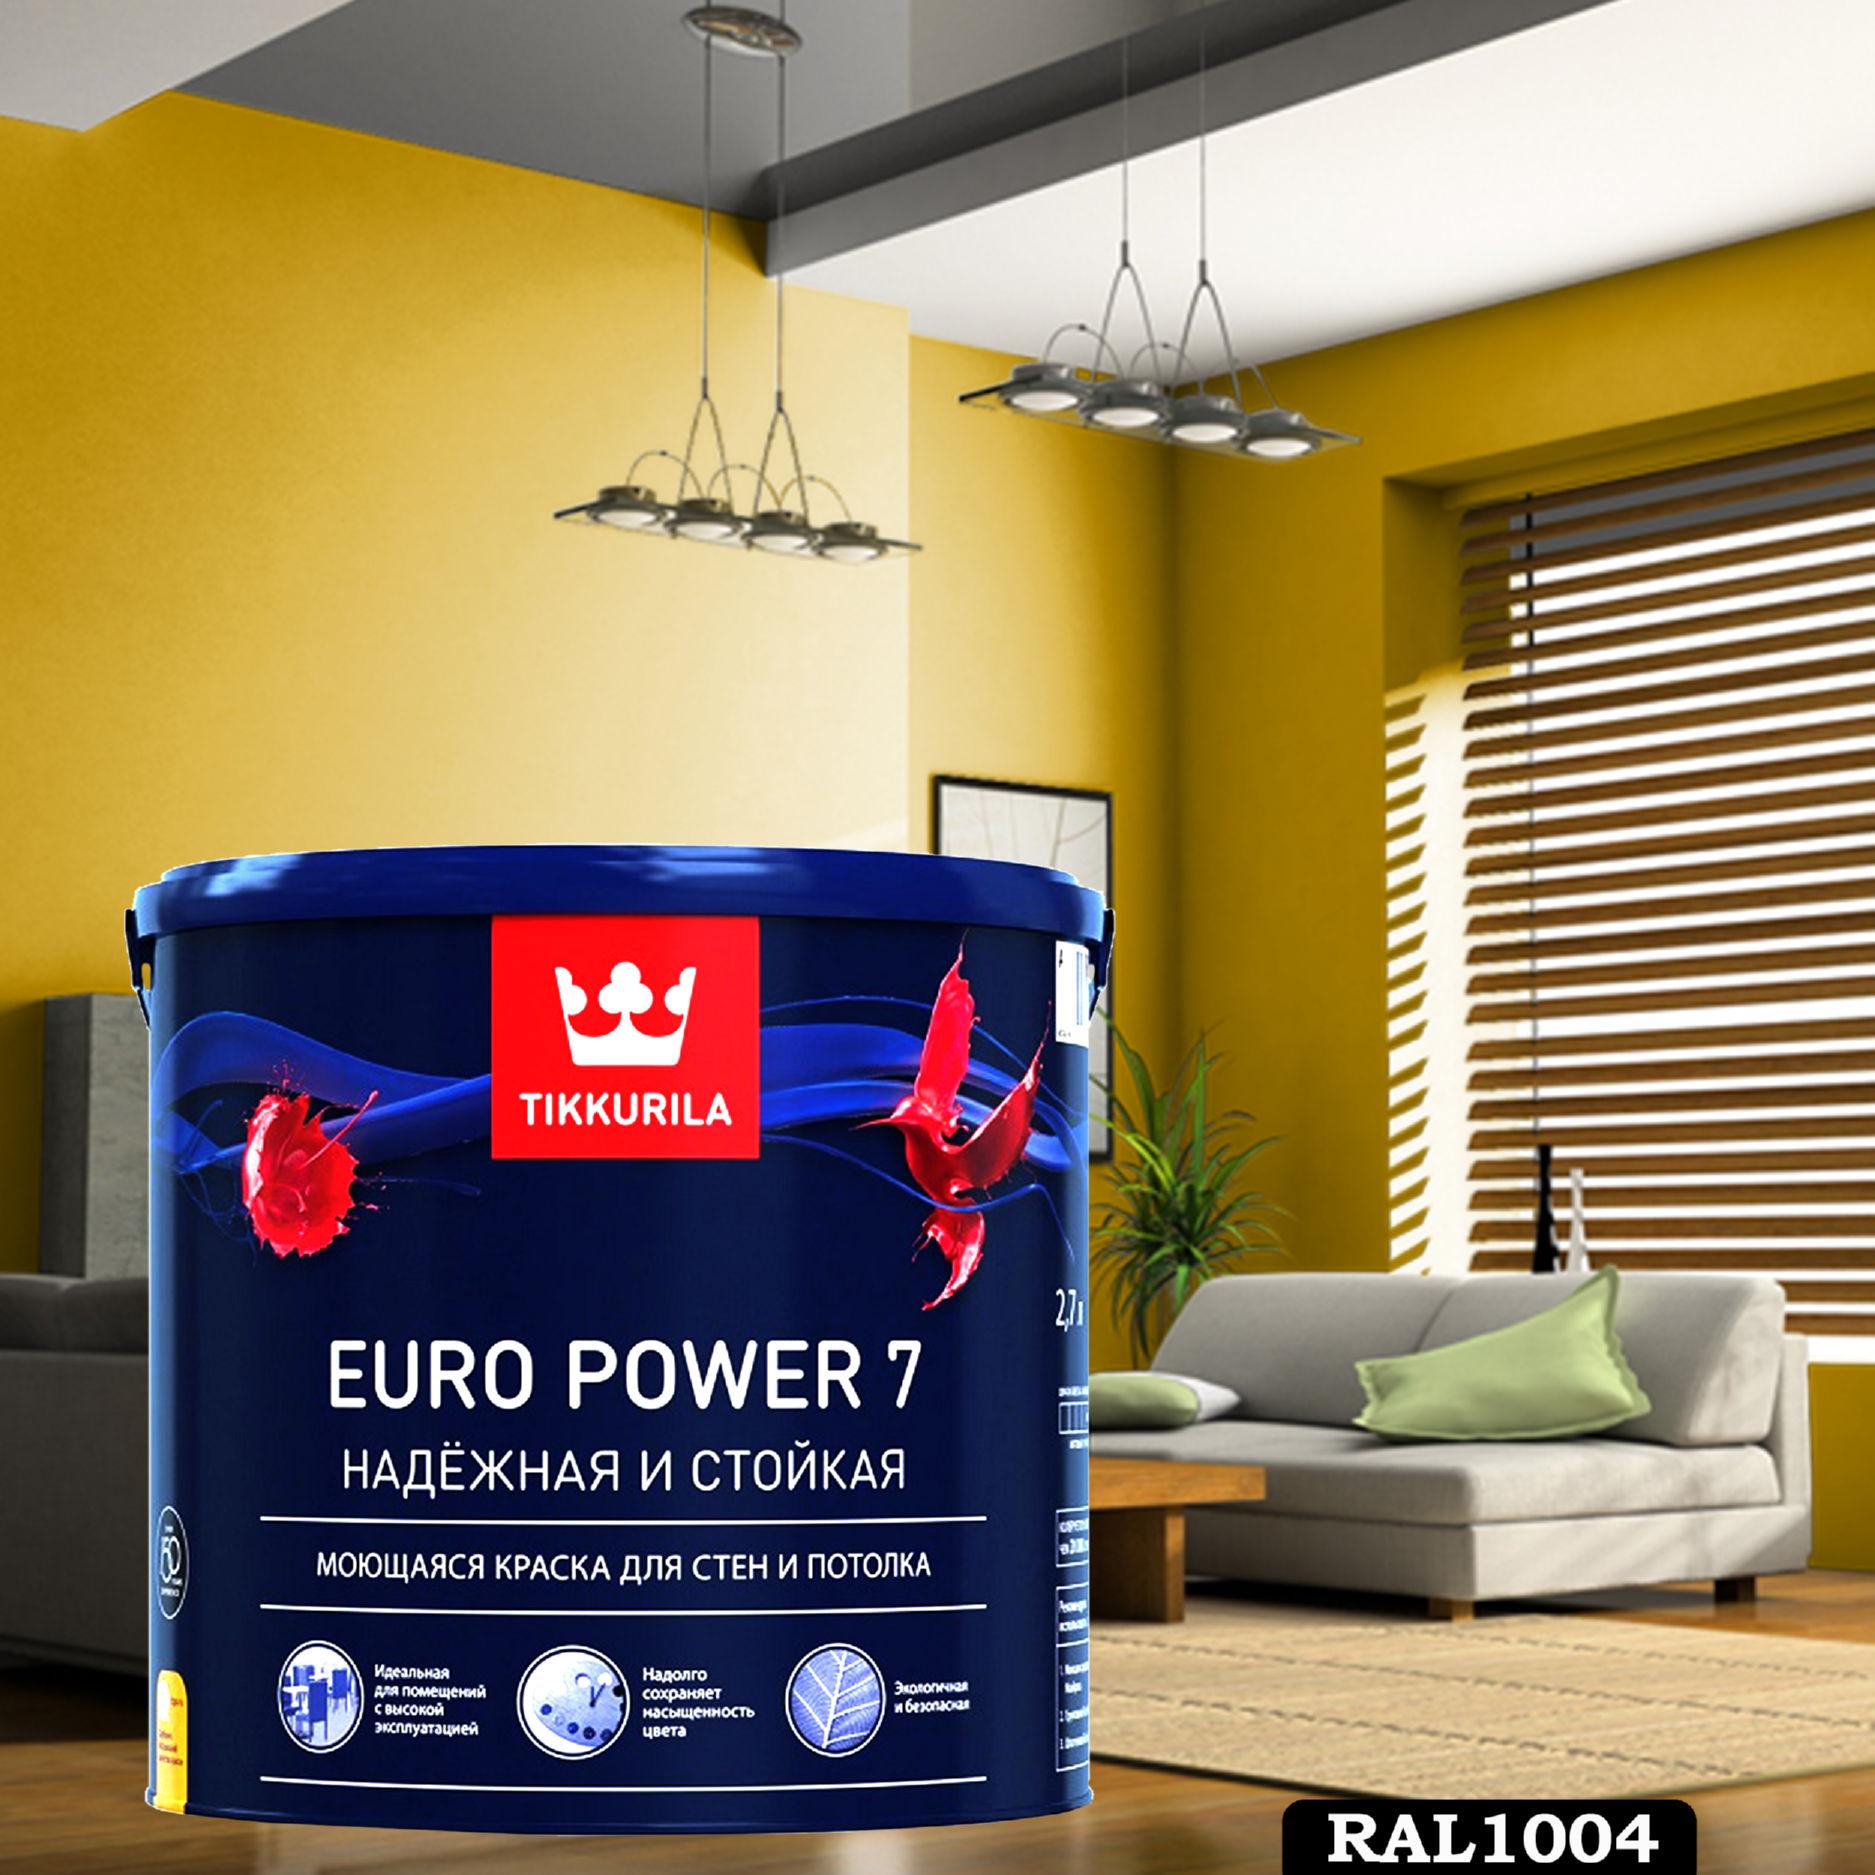 Фото 5 - Краска TIKKURILA Euro Power 7,  RAL 1004 Жёлто-золотой, латексная моющаяся матовая интерьерная, 9 л.